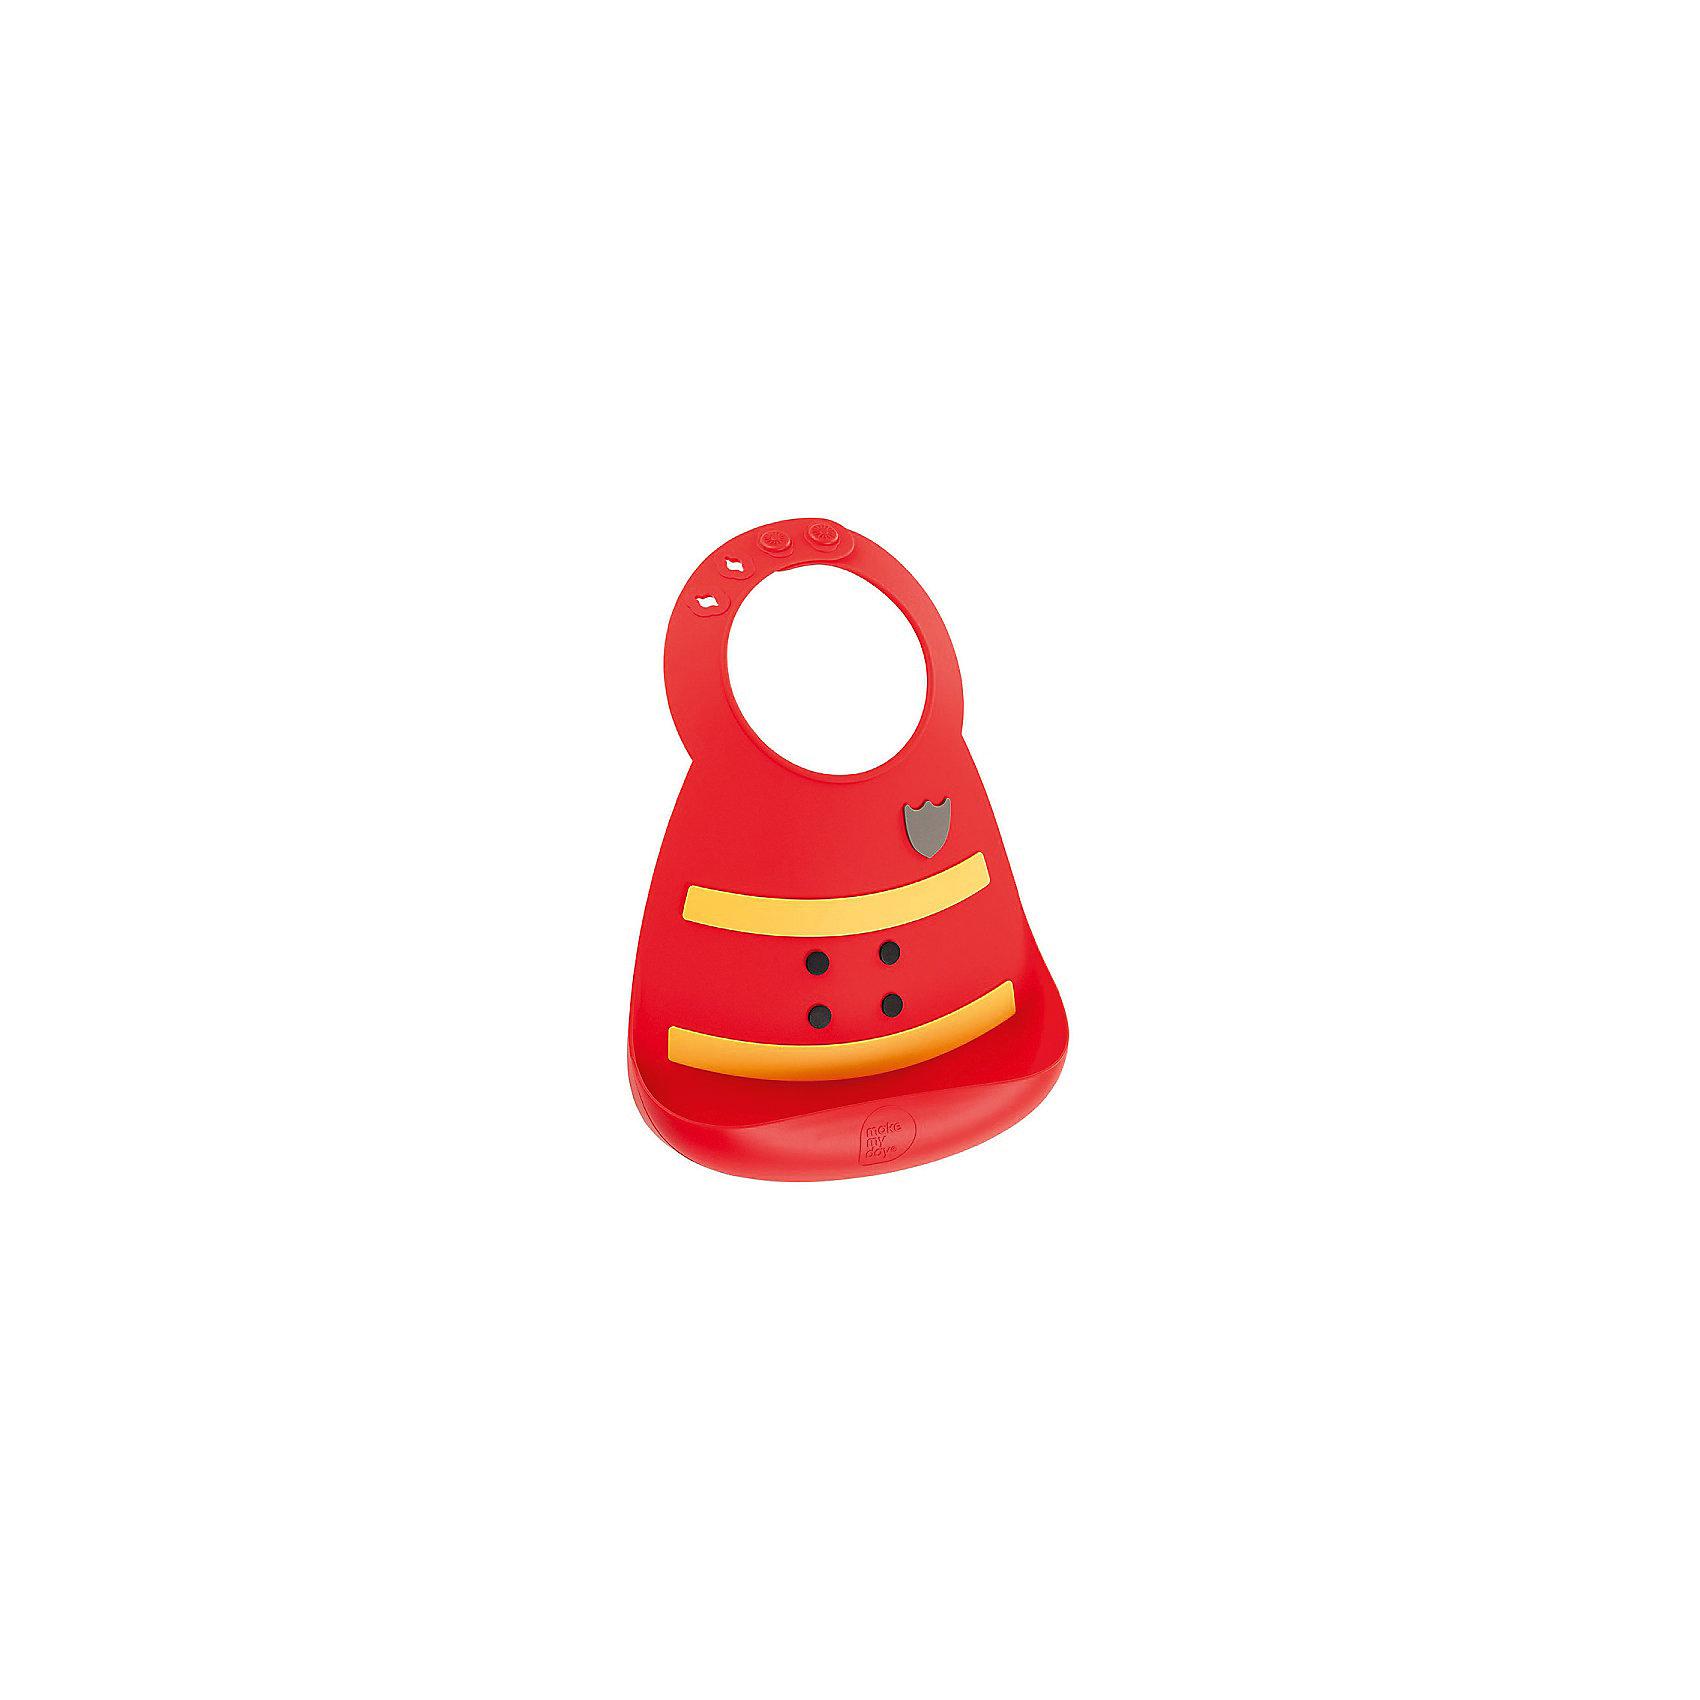 Нагрудник, Make my day, пожарный (Fireman)Нагрудник Make my day, пожарный (Fireman).<br><br>Характеристики:<br>• изготовлен из качественного гипоаллергенного силикона<br>• имеет удобный карман для крошек и кусочков пищи<br>• не содержит фталаты, бисфенол-А и ПВХ<br>• регулируемая застежка<br>• легко моется и подходит для посудомоечной машины<br>• высокая гибкость <br>• оригинальный дизайн<br>• состав: 100% пищевой силикон<br>• размер: 24х21 см<br>• размер упаковки: 24,5x21x4,5 см<br>• цвет: красный/желтый<br><br>Нагрудник Make my day изготовлен из высококачественного пищевого силикона и имеет регулируемую застежку, благодаря чему нагрудник не натирает нежную кожу шеи малыша. Вместительный карман снизу защитит одежду ребенка от попадания воды и пищи. Высокая гибкость нагрудника делает его компактным для хранения. Нагрудник легко отмывается водой с мылом или в посудомоечной машине. Приятный дизайн в виде формы пожарного порадует и малыша, и взрослых. С таким очаровательным нагрудником каждый прием пищи будет в радость!<br><br>Нагрудник Make my day, пожарный (Fireman) можно купить в нашем интернет-магазине.<br><br>Ширина мм: 210<br>Глубина мм: 45<br>Высота мм: 245<br>Вес г: 289<br>Возраст от месяцев: 0<br>Возраст до месяцев: 36<br>Пол: Мужской<br>Возраст: Детский<br>SKU: 5068729